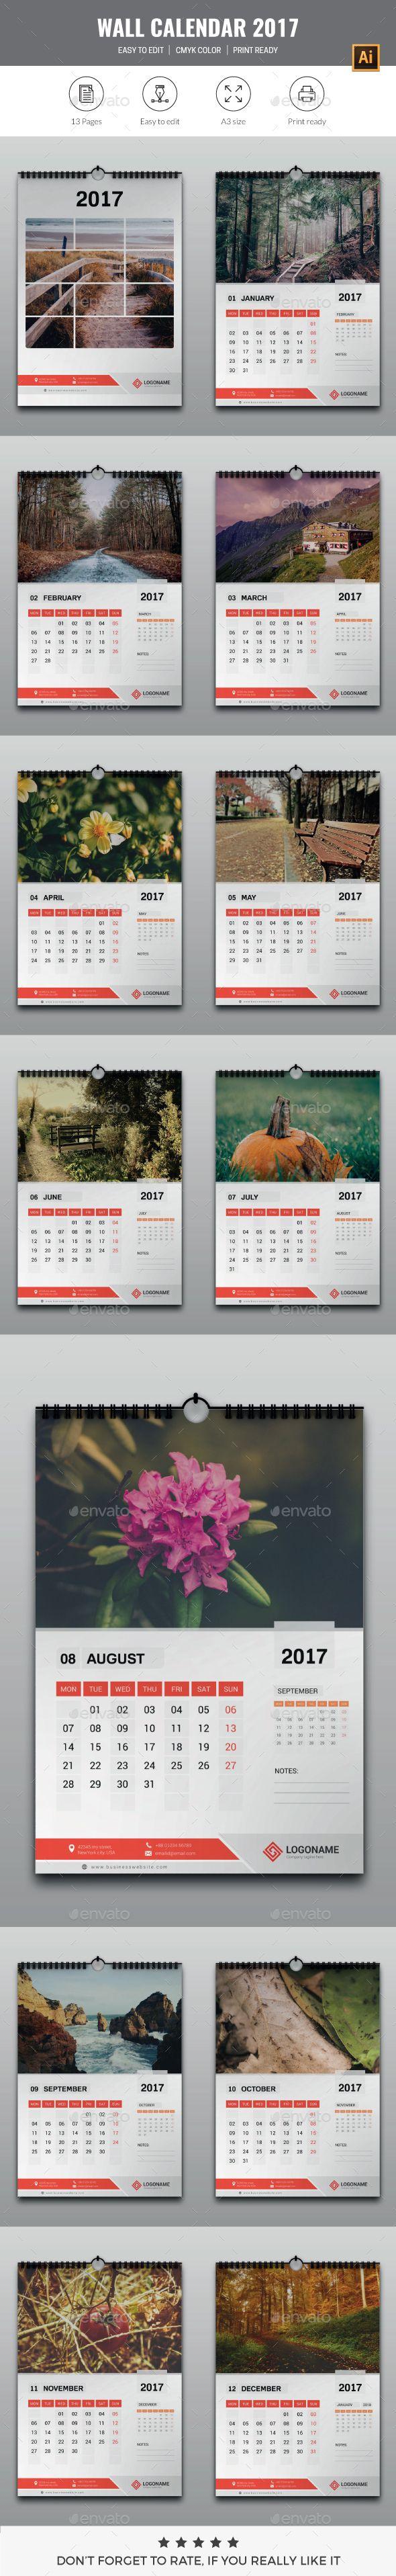 Wall Calendar 2017 Template Vector EPS, AI Illustrator                                                                                                                                                                                 More